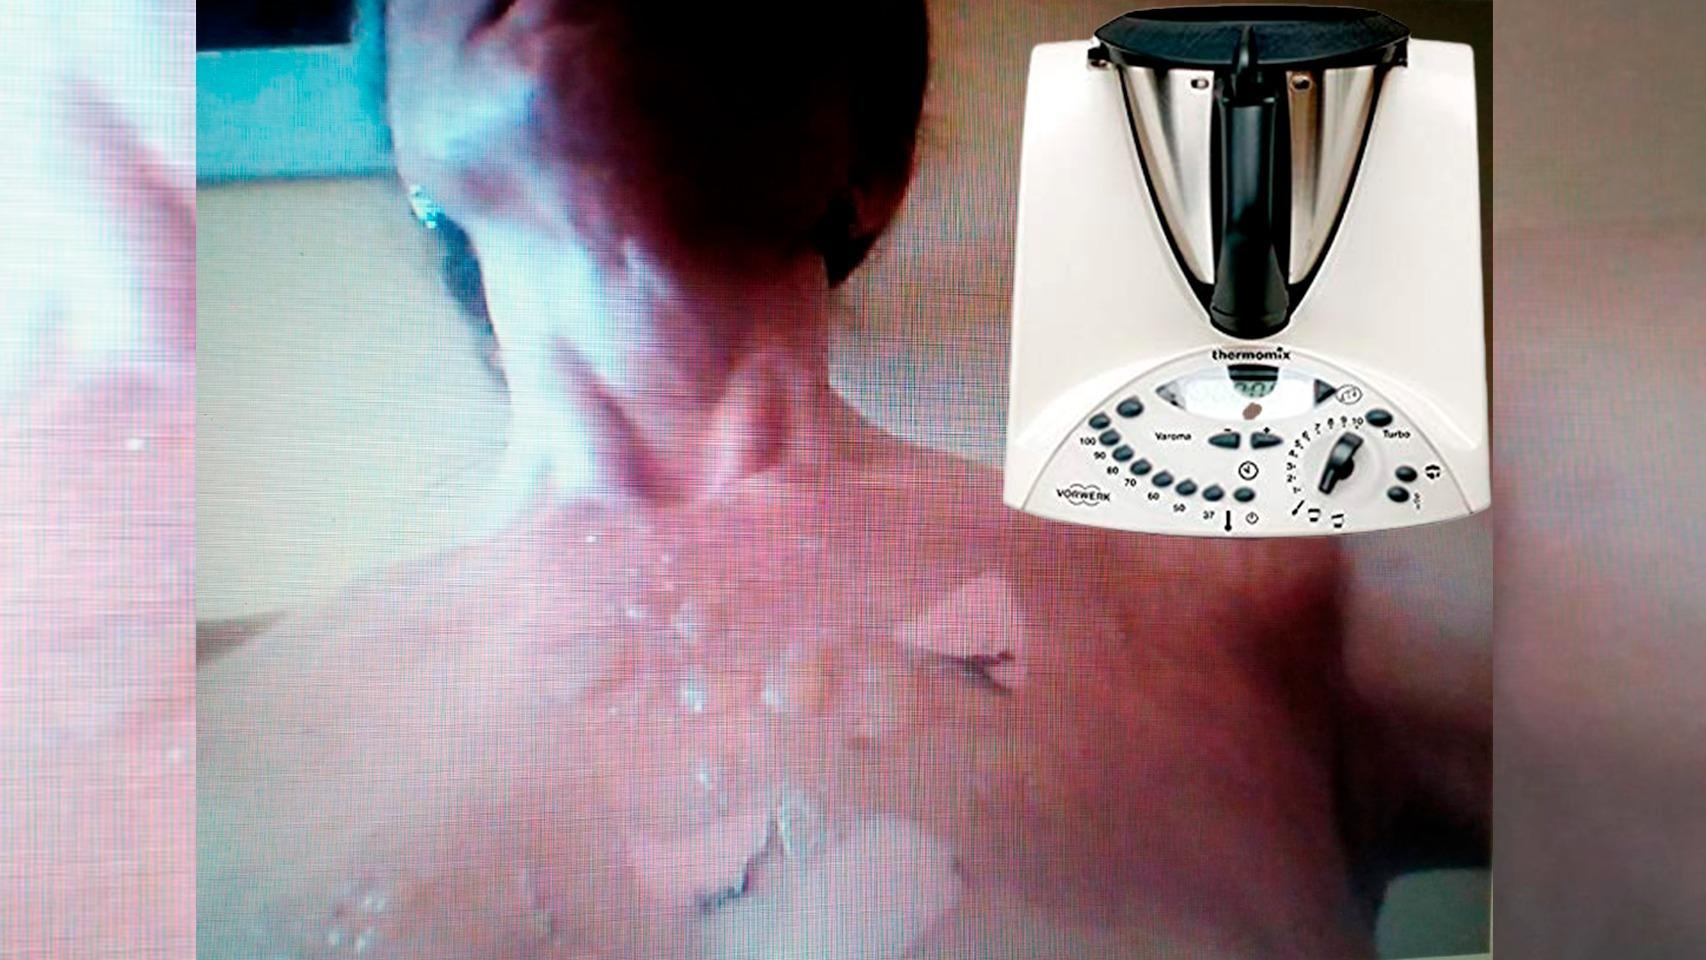 Marcelina ha ganado su batalla legal contra Thermomix: se quemó tras estallarle la tapa y le pagan 24.000€